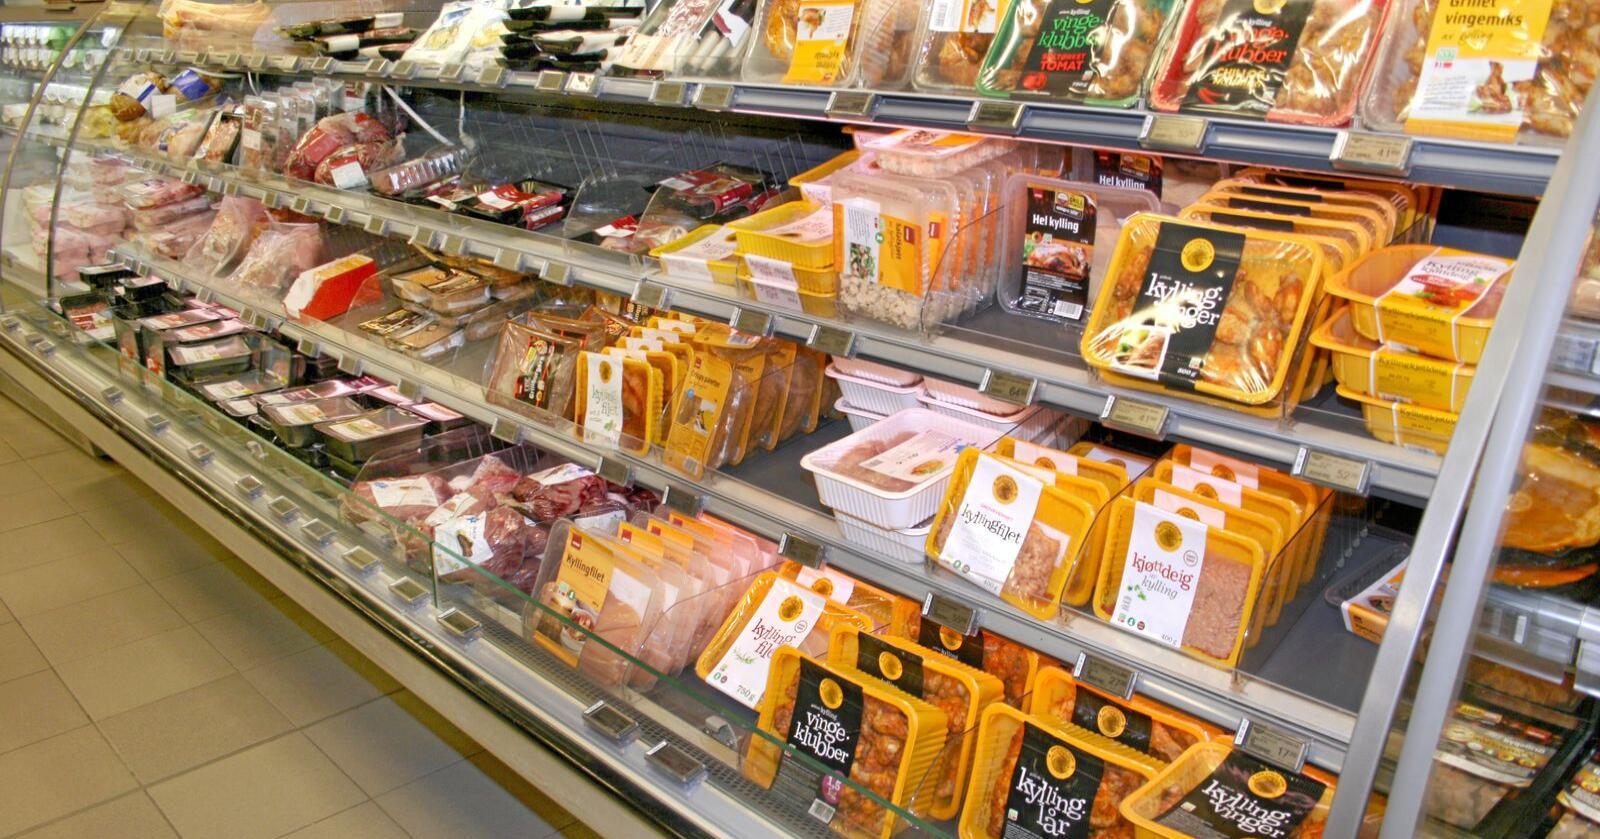 Det blei oppdaga listeria i produksjonsanlegget for steikte produkt hjå Den Stolte Hane i Stokke søndag. Foto: Bjarne Bekkeheien Aase